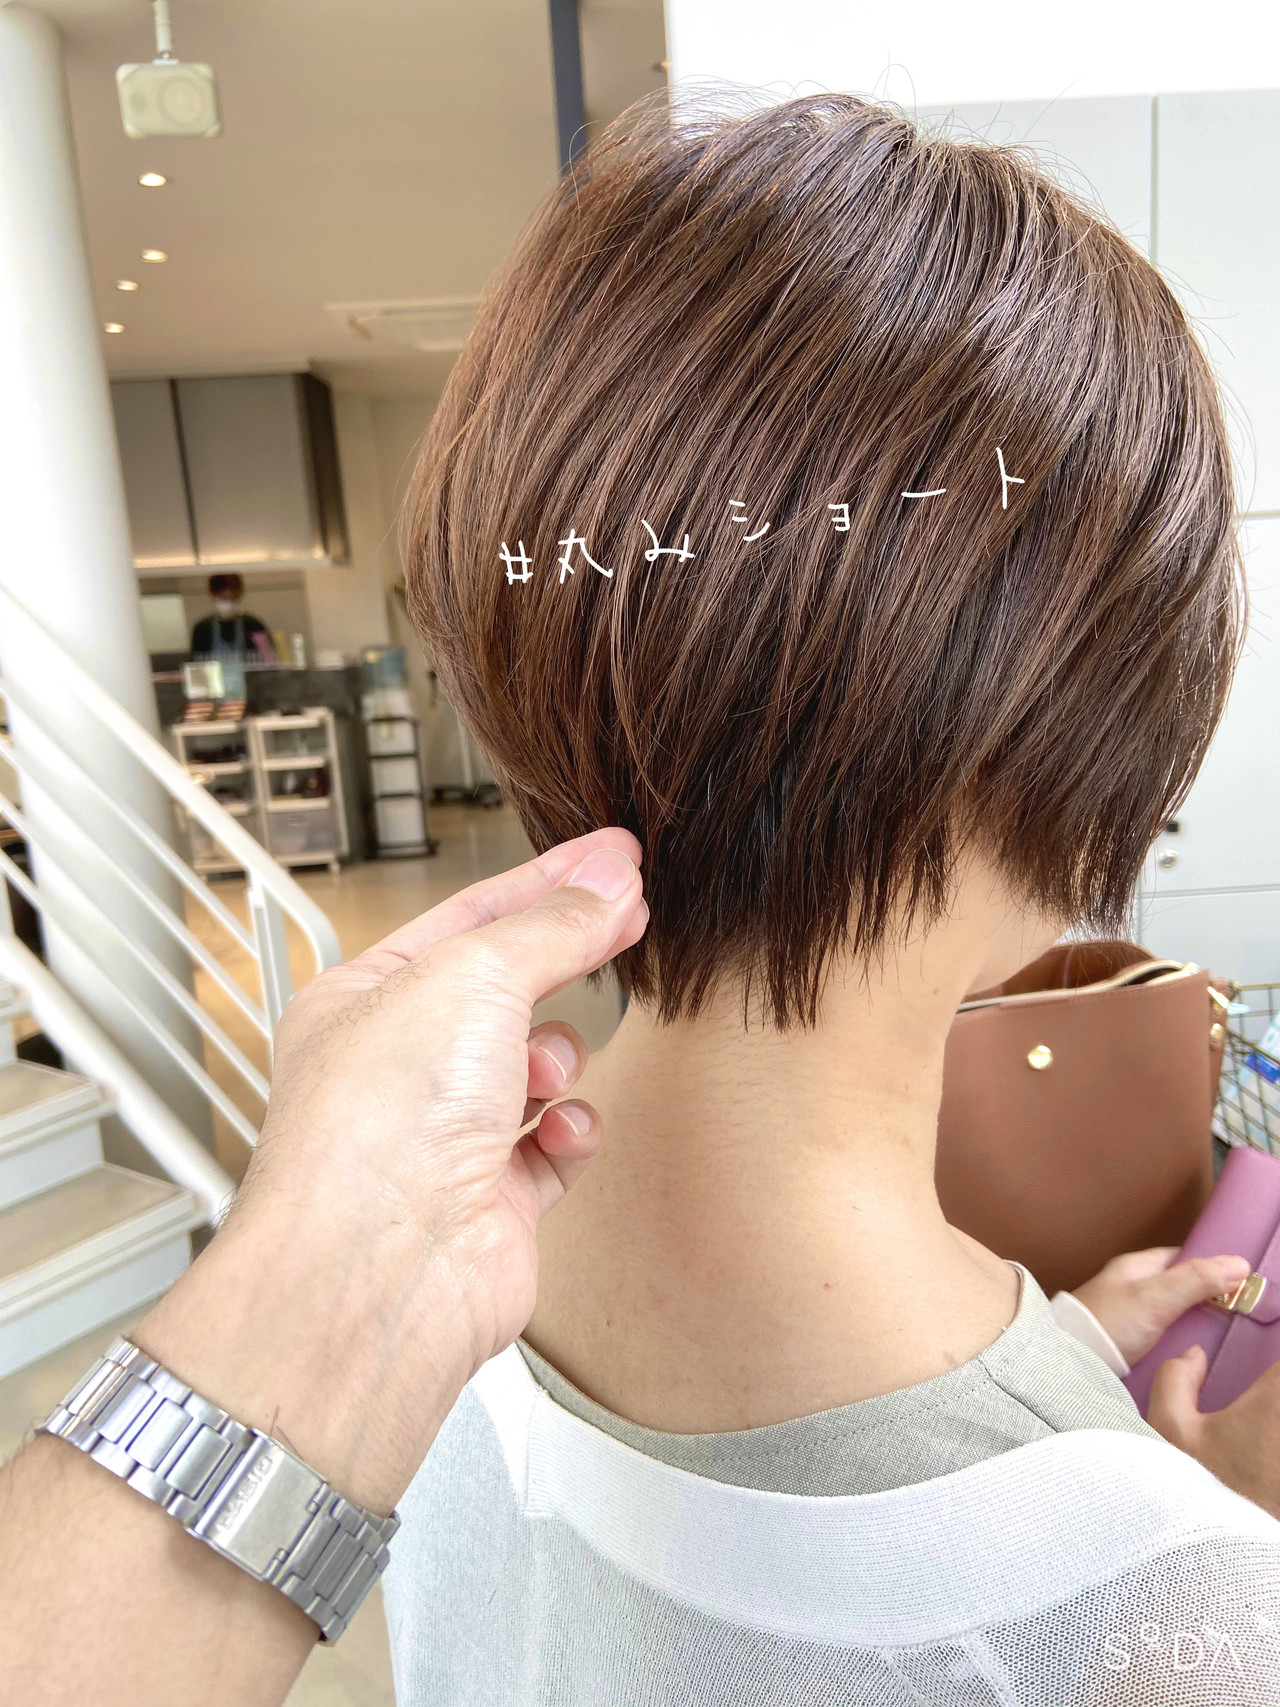 ミニボブ ショート ベリーショート ショートボブ ヘアスタイルや髪型の写真・画像 | 大川 ヒデオ / BLANCO Tre's鏡島